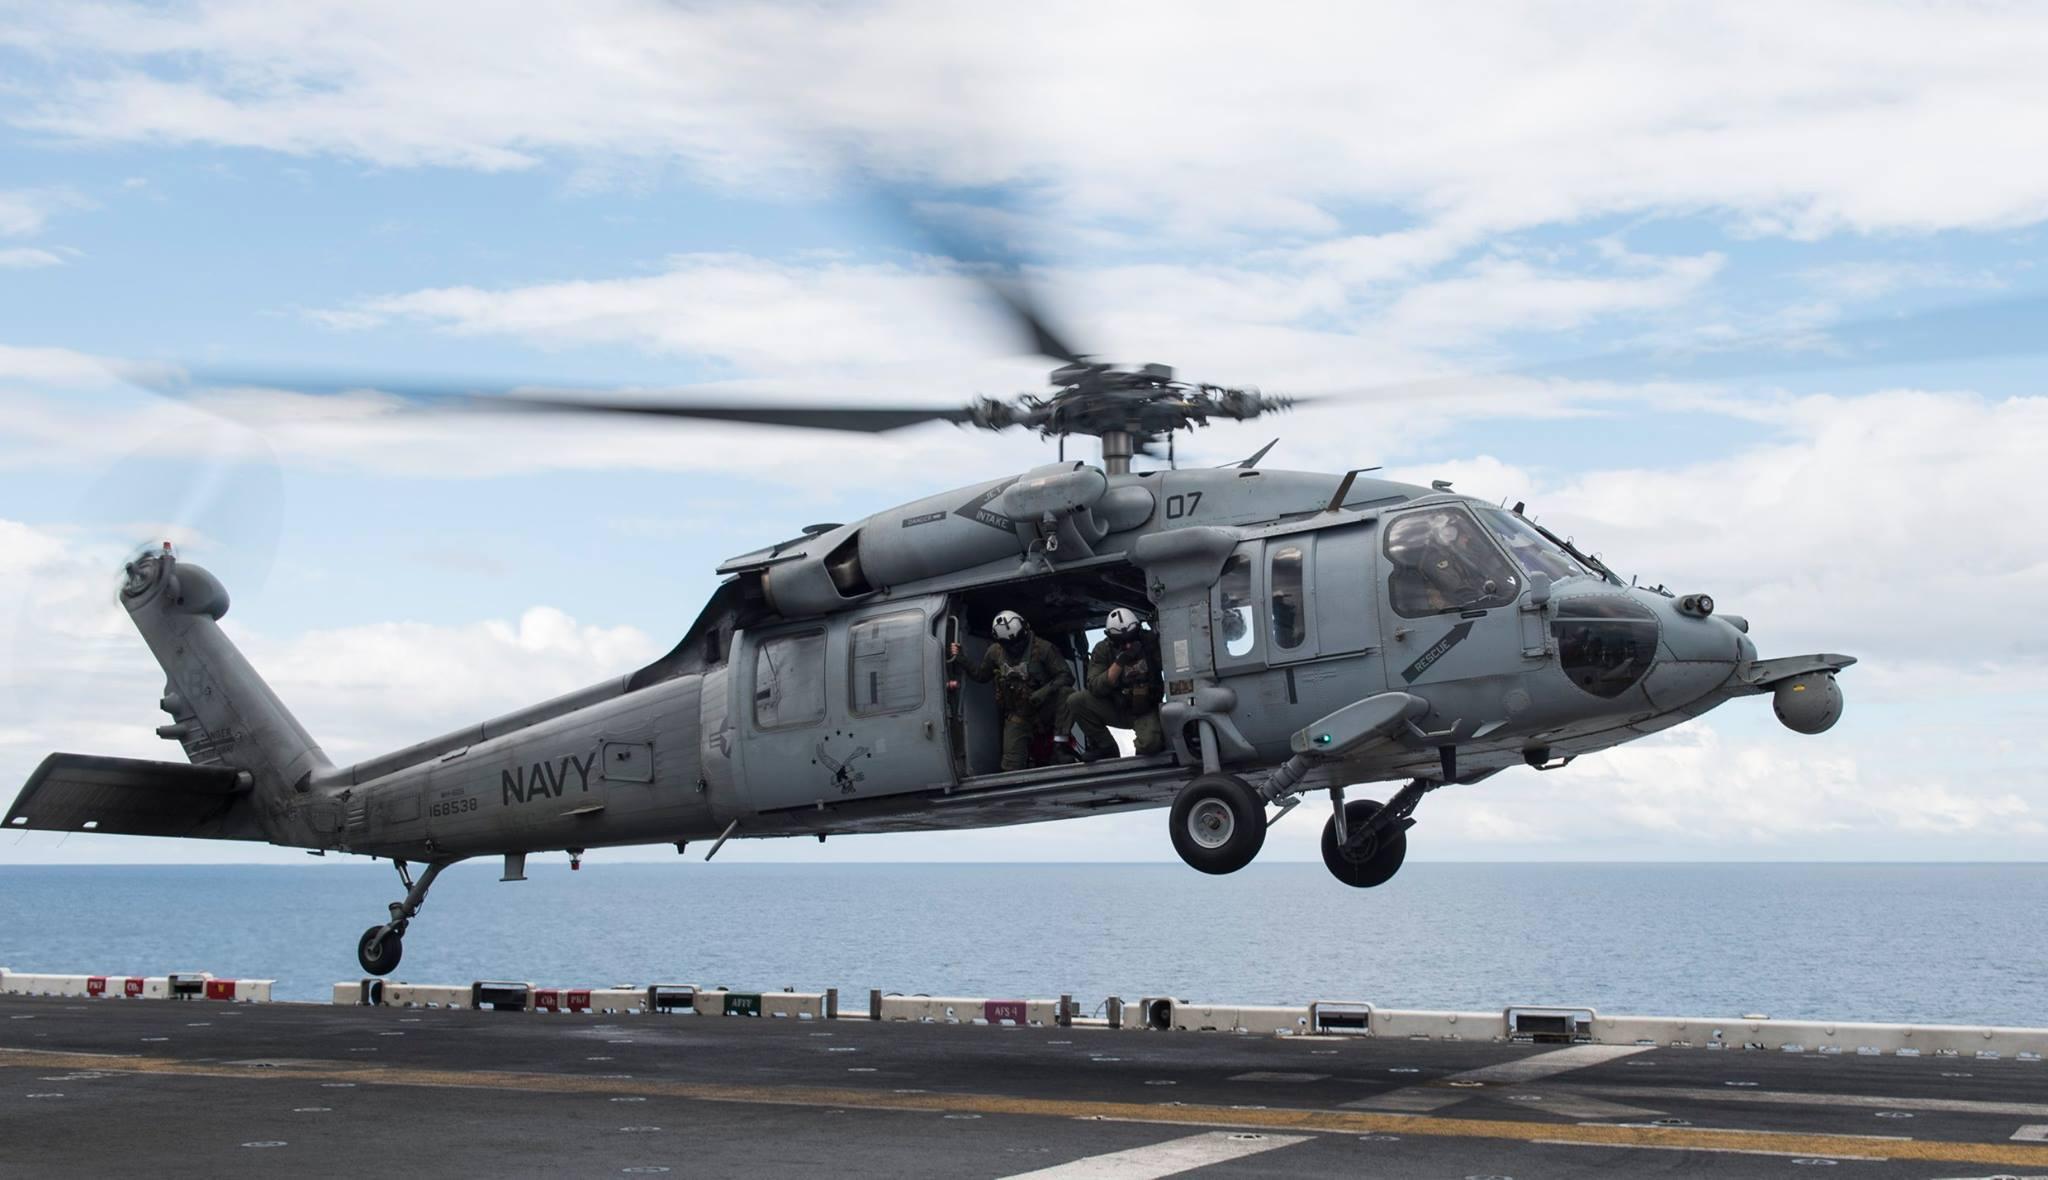 兩棲攻擊艦體好人查理(USS Bonhomme Richard (LHD 6))上,MH-60S海鷹直升機正在做升降訓練。(Facebook圖片)